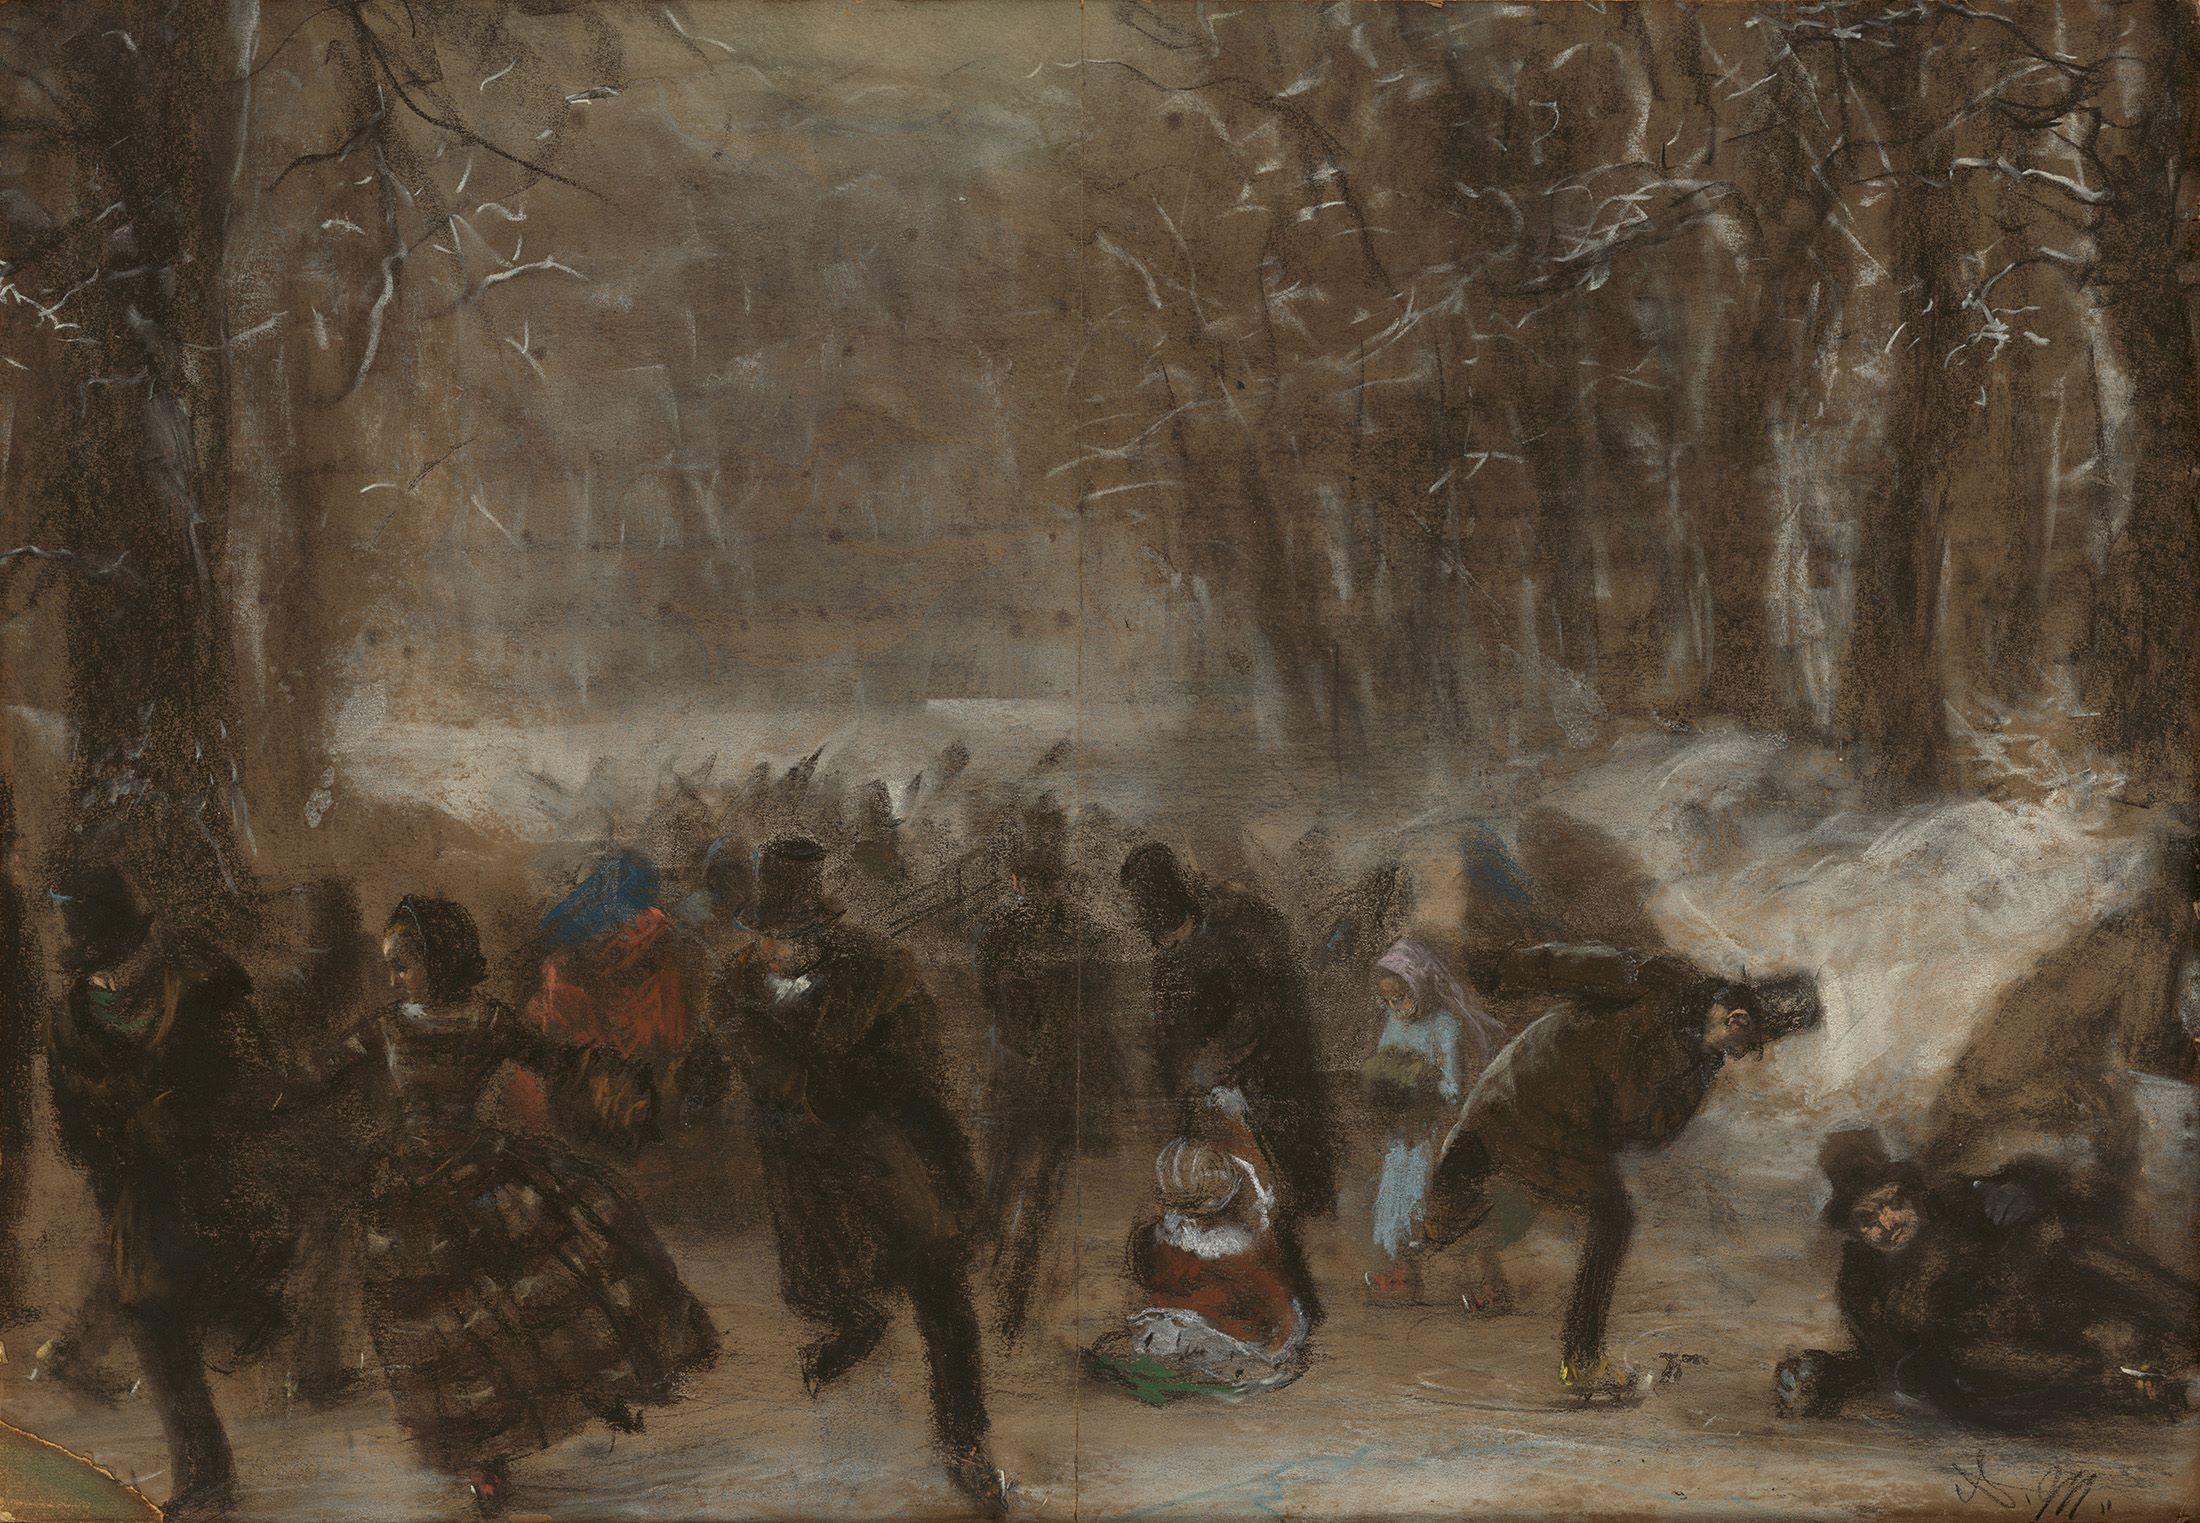 ADOLPH MENZEL (1815 Breslau - 1905 Berlin) - Schlittschuhläufer (im Tiergarten in Berlin?), Kreide/Papier/Karton, monogrammiert, um 1855/56